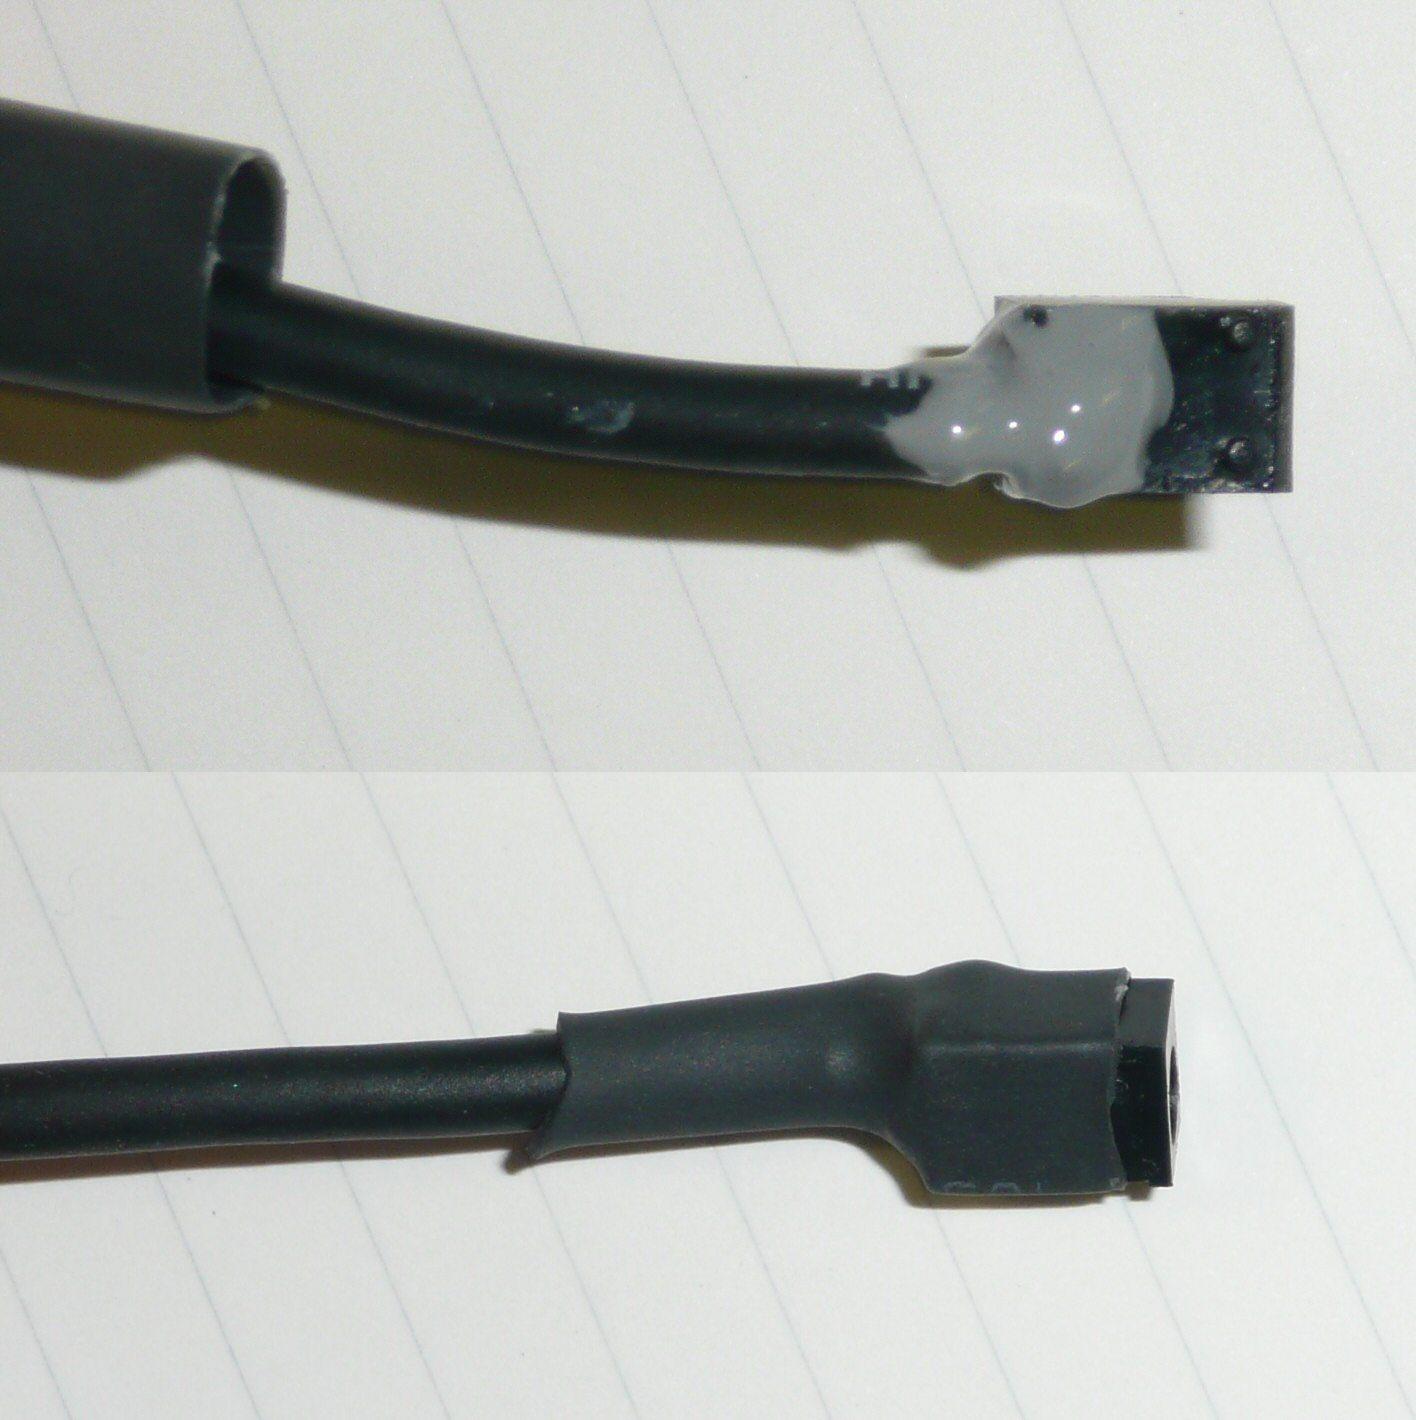 5V電源とコネクターはUSBハブに使っていた物を流用。エポキシで固めて、熱収縮チューブを被せる。